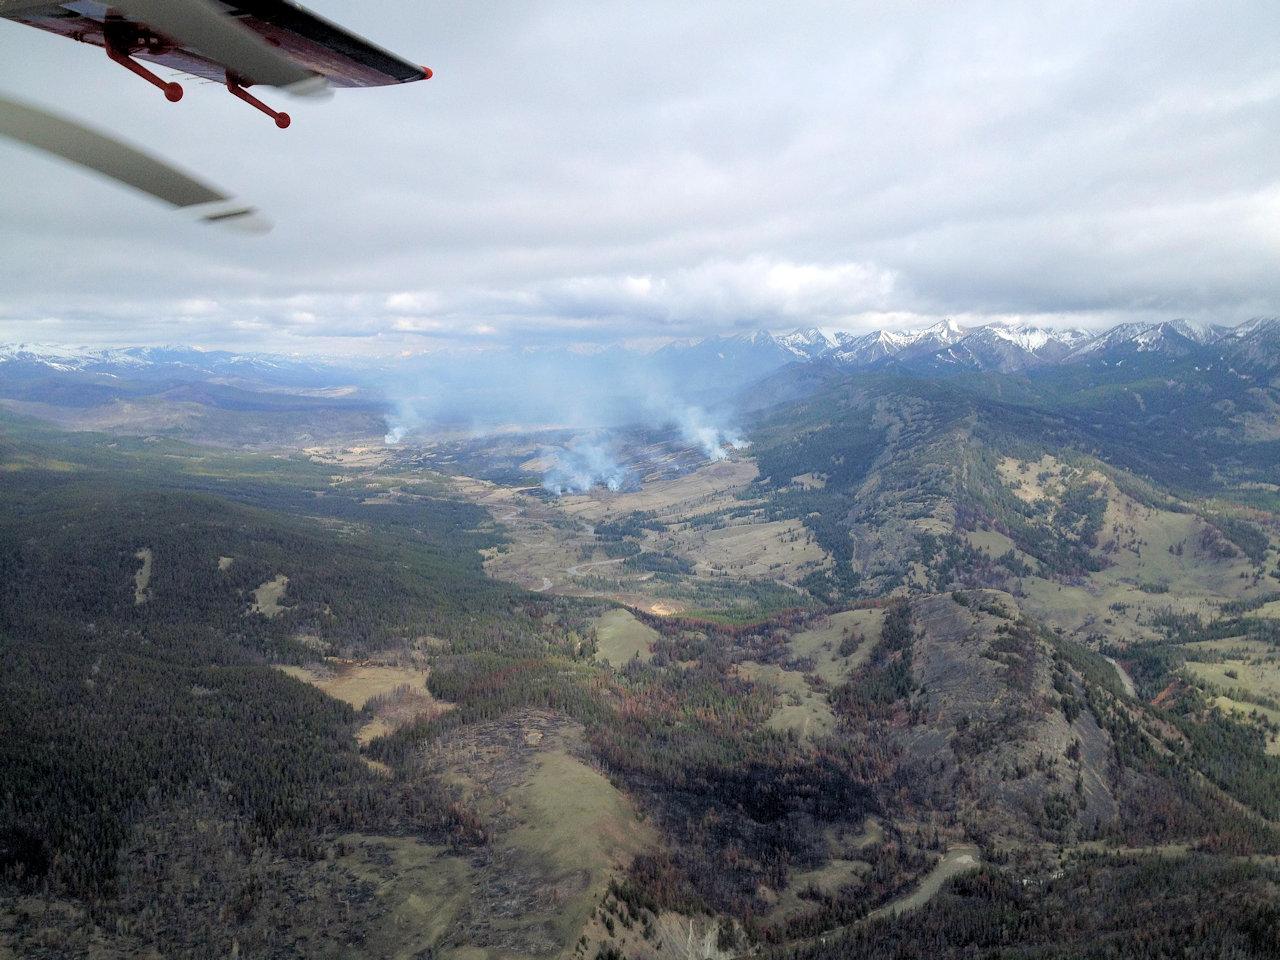 Elk Hill Fire, April 10, 2016 - USFS photo